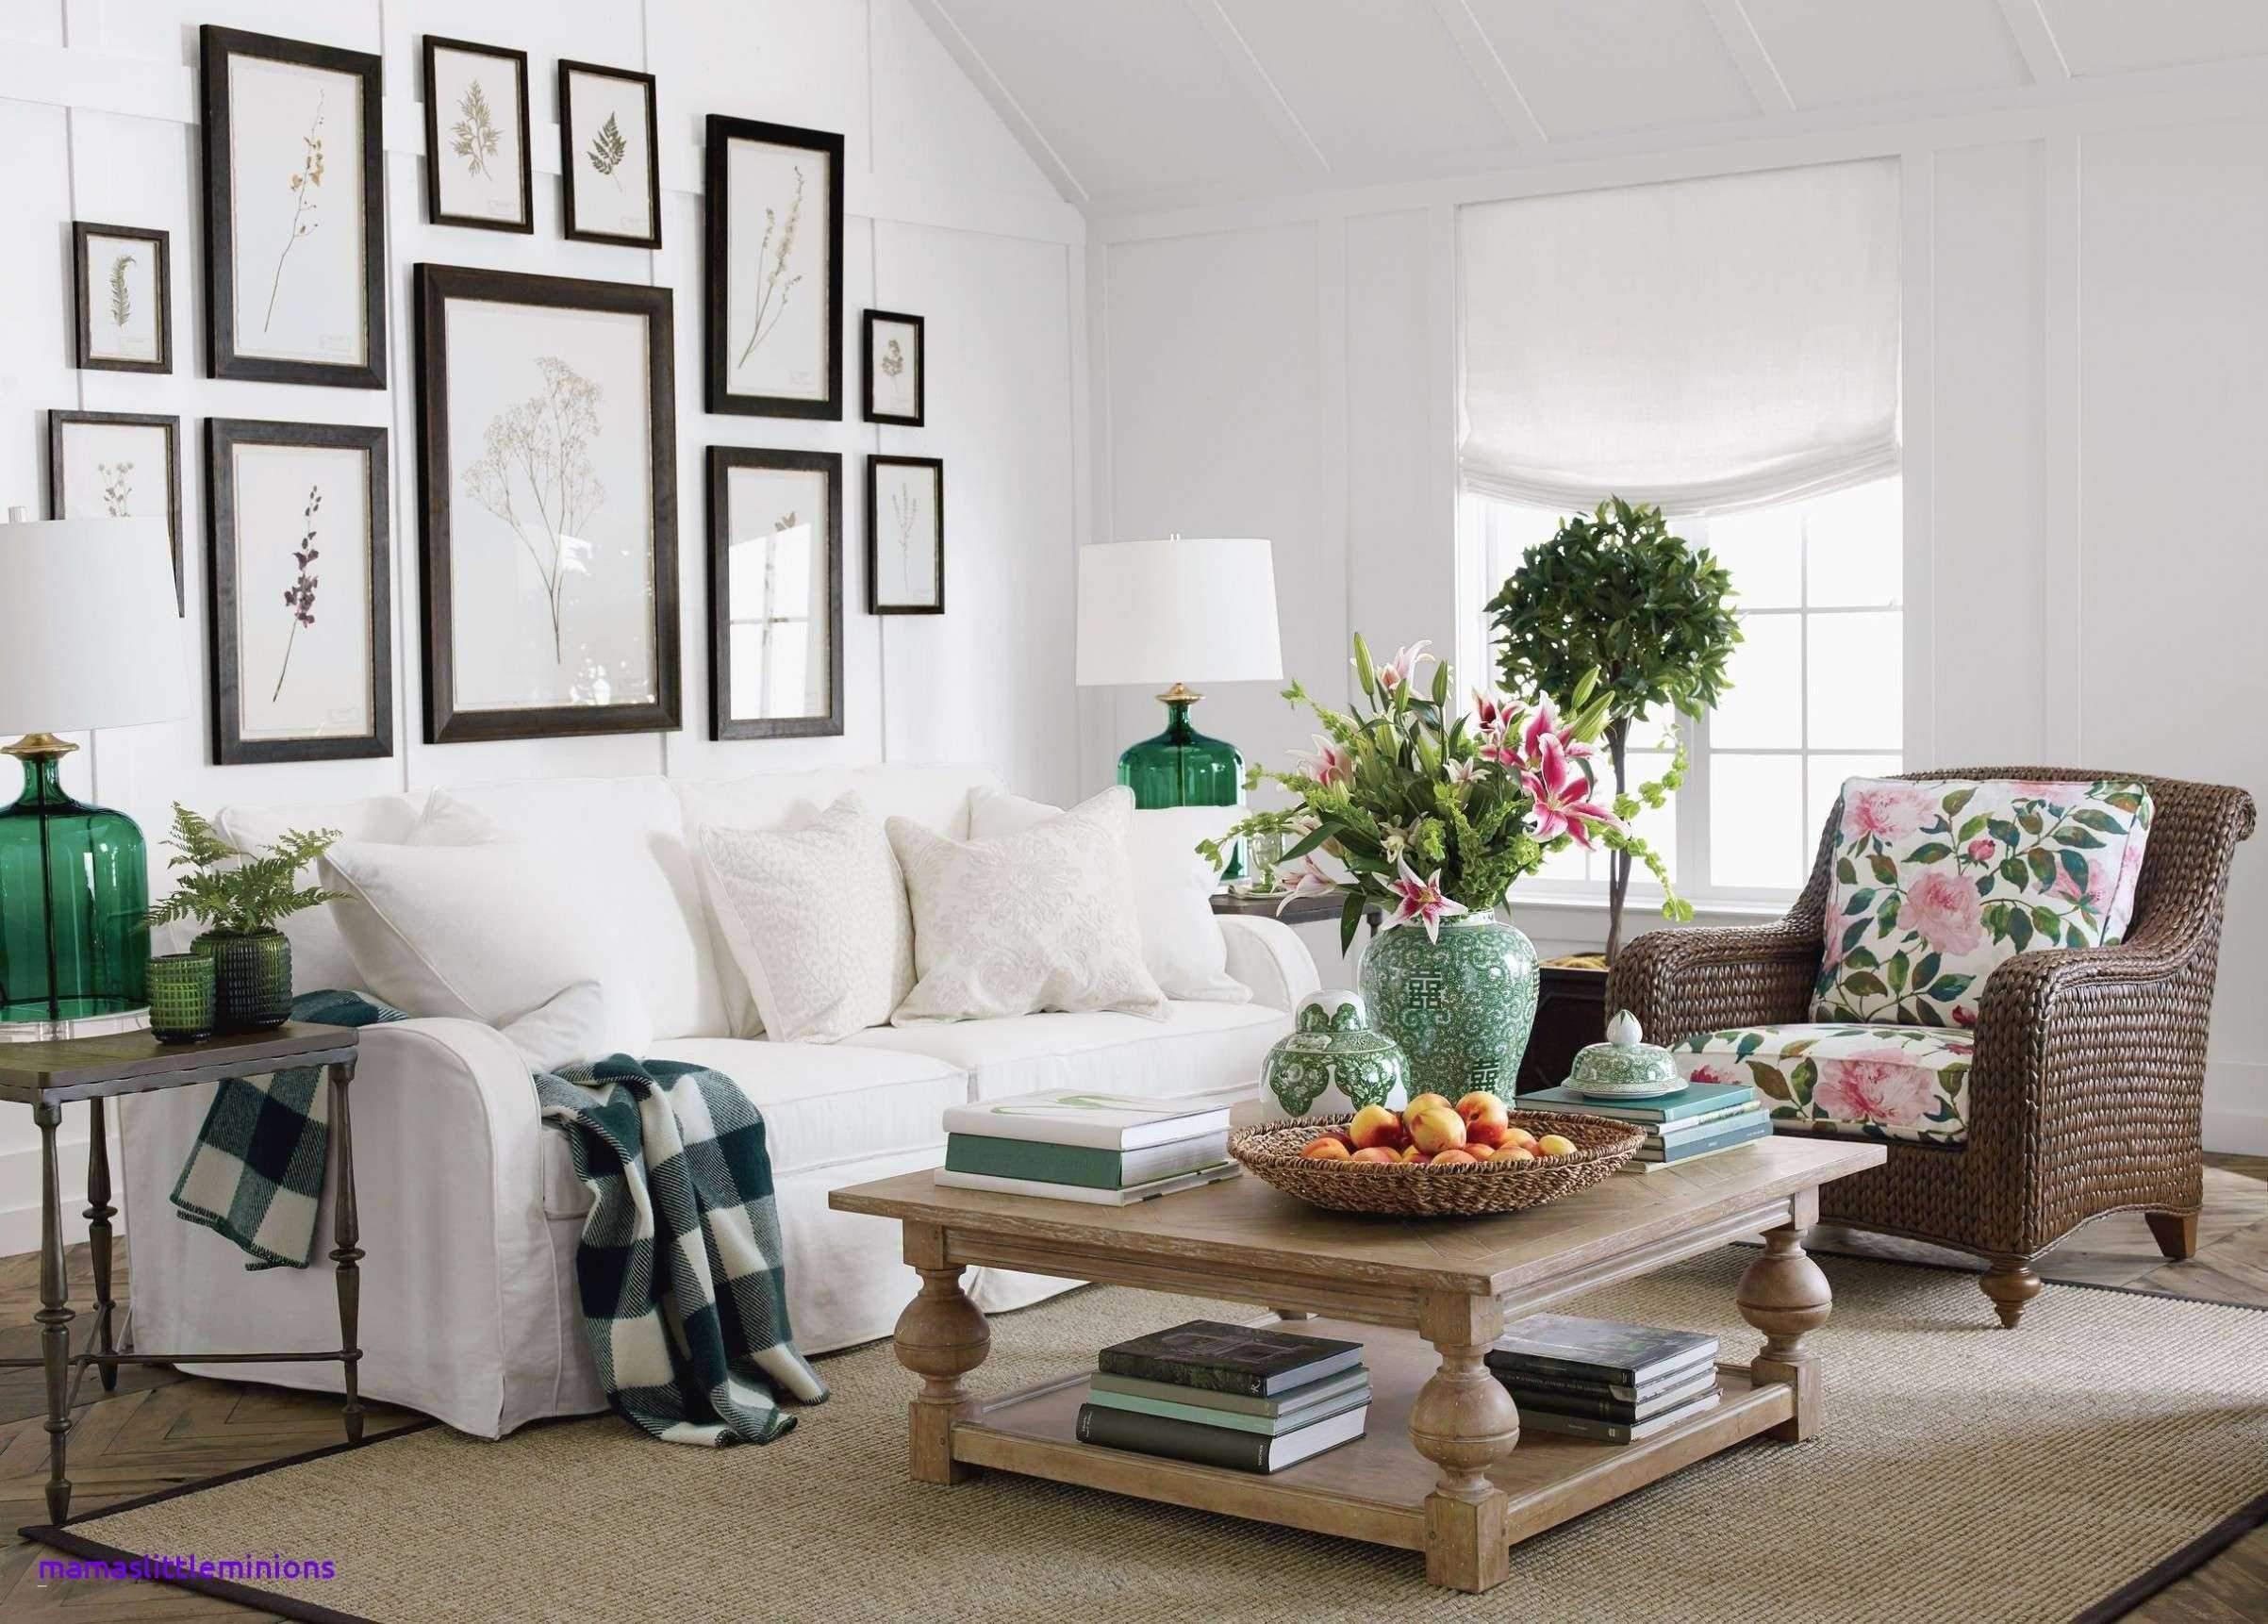 Full Size of Liege Wohnzimmer Elegant Wohnzimmer Ideen Inspirierendes Wohnzimmer Wohnzimmer Liege Wohnzimmer